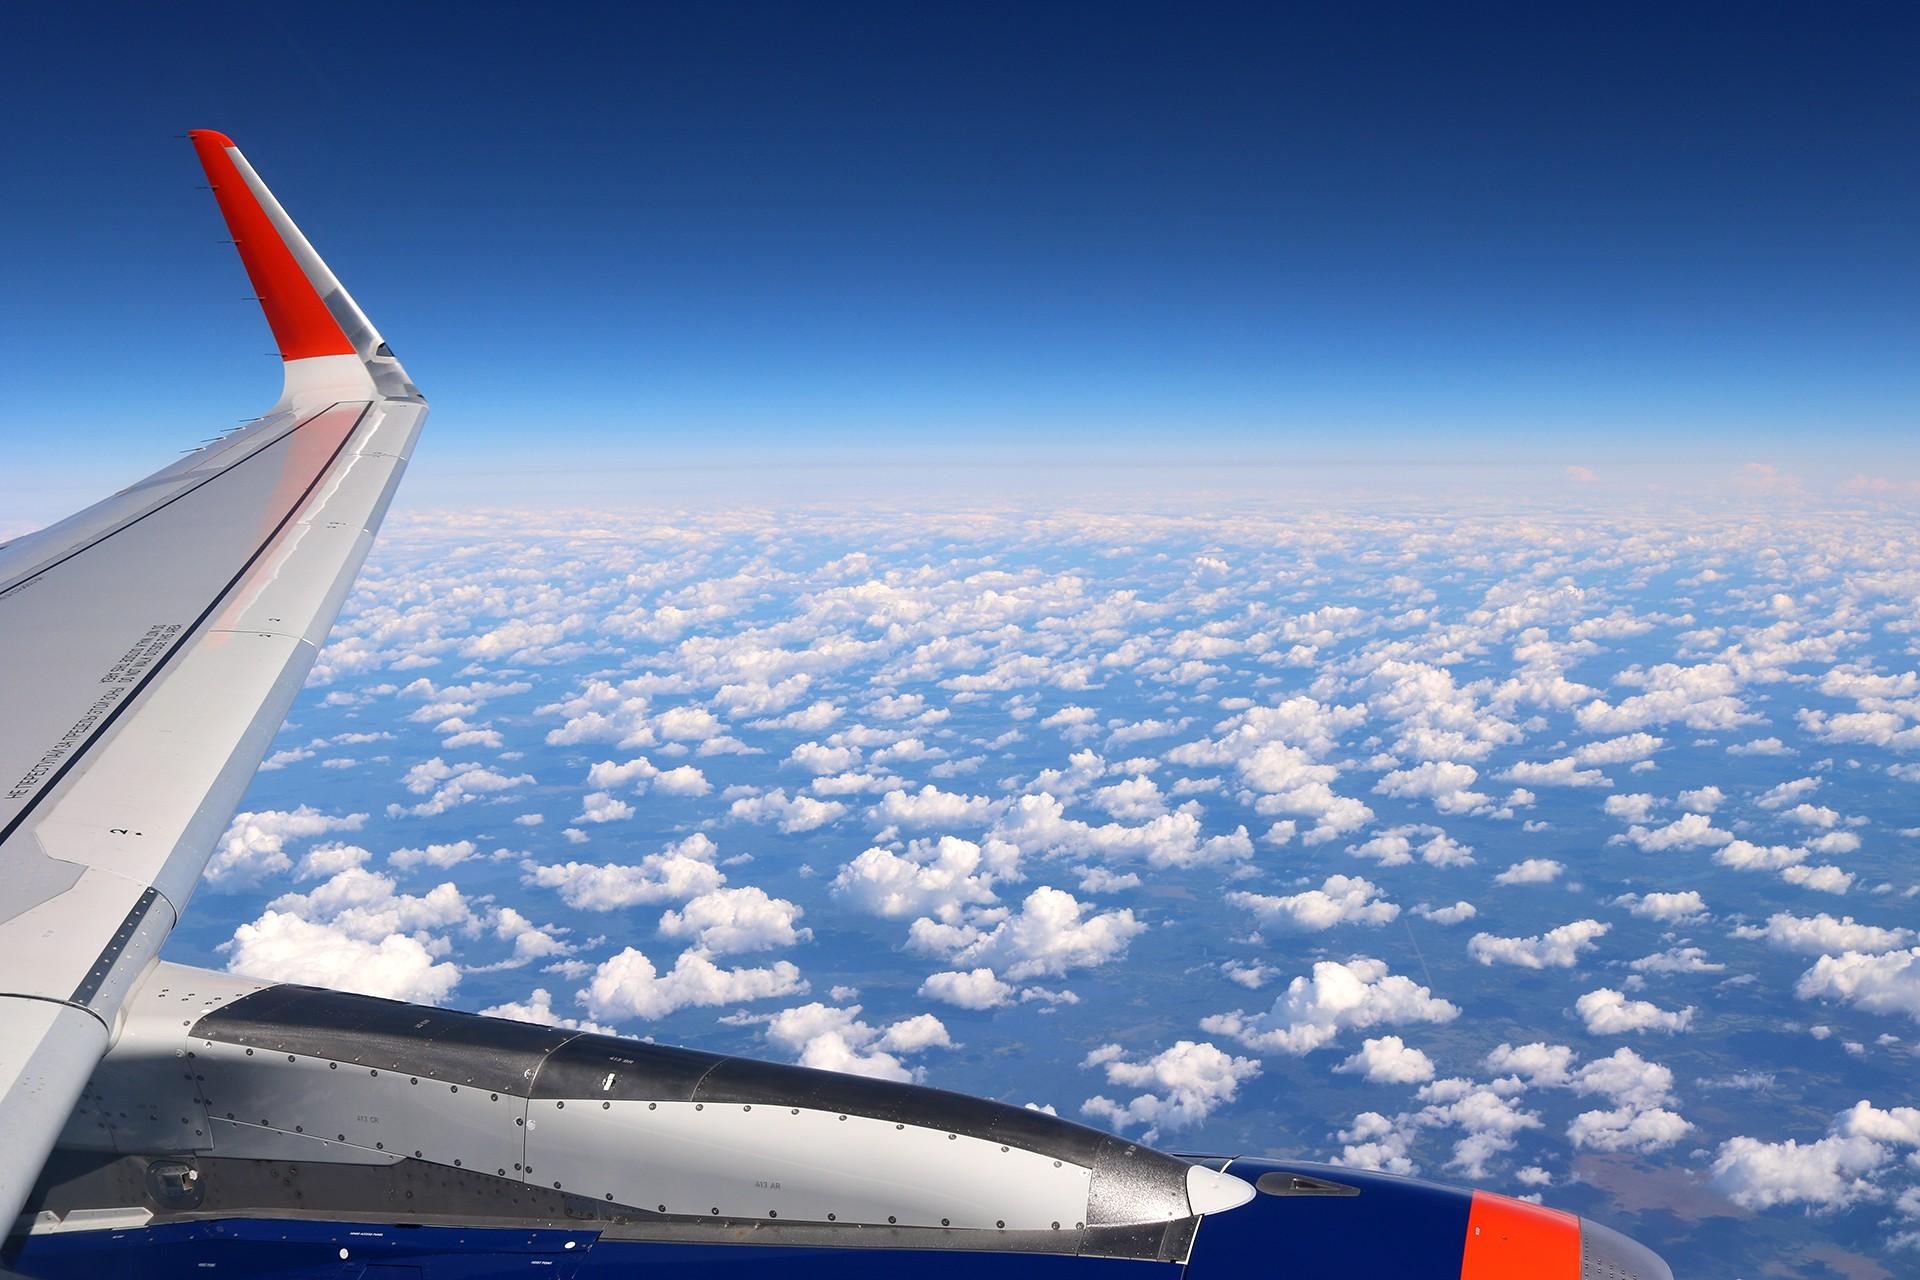 [原创]LIULIU|一天两种机型三个国家四段航线五座城市的回家之路|西伯利亚上空的星光